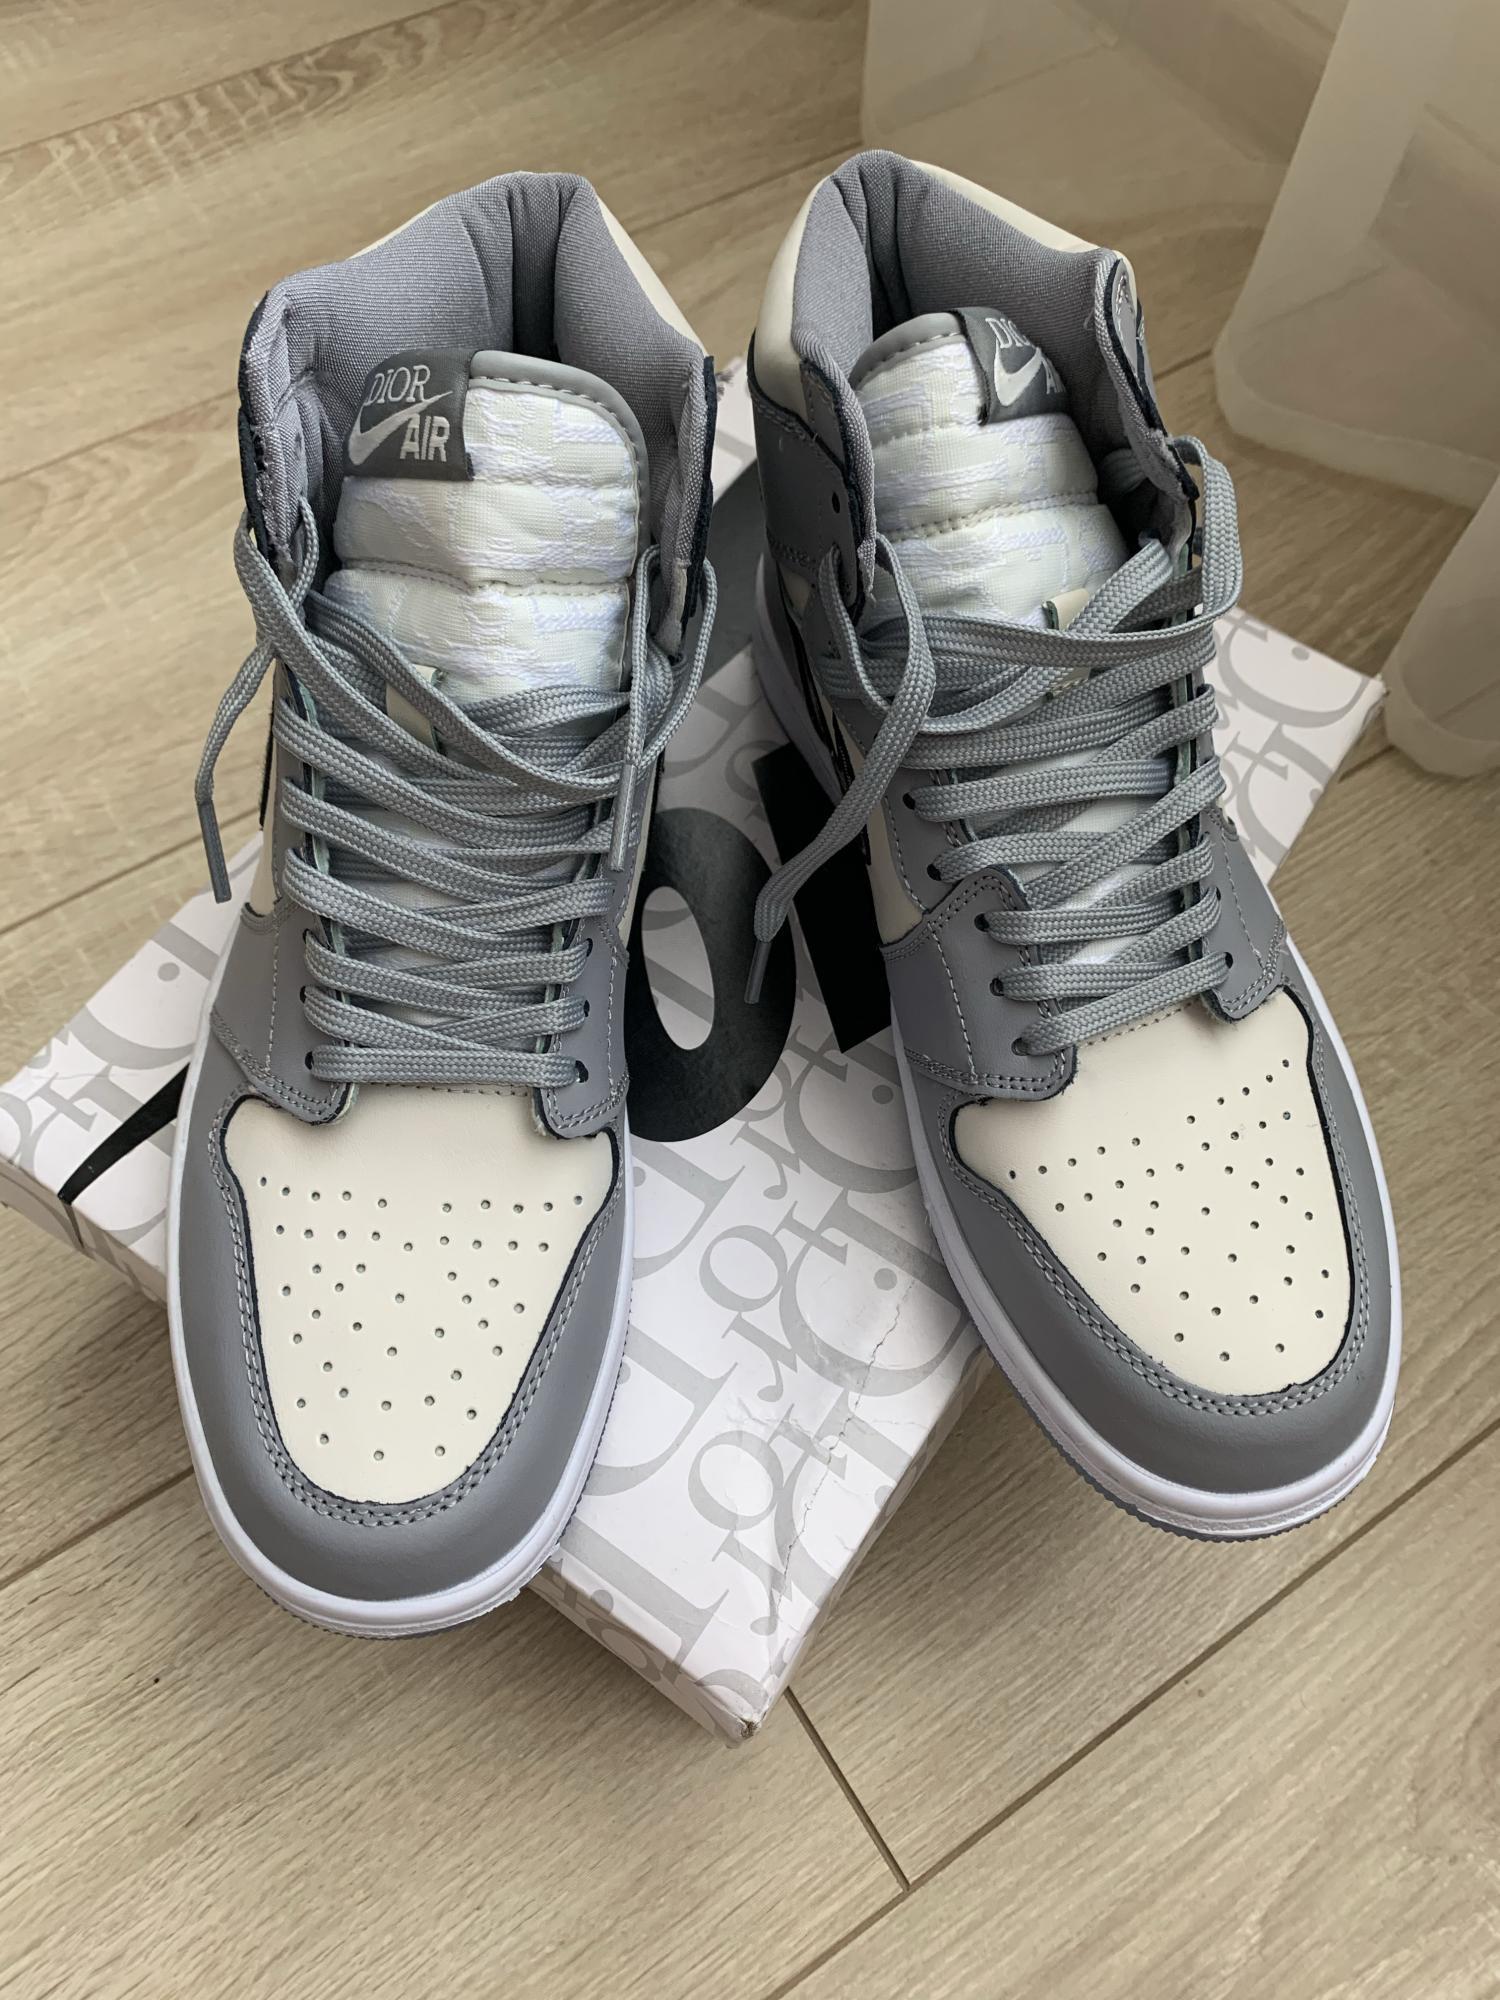 Новые кроссовки в Пензе 89022034577 купить 3